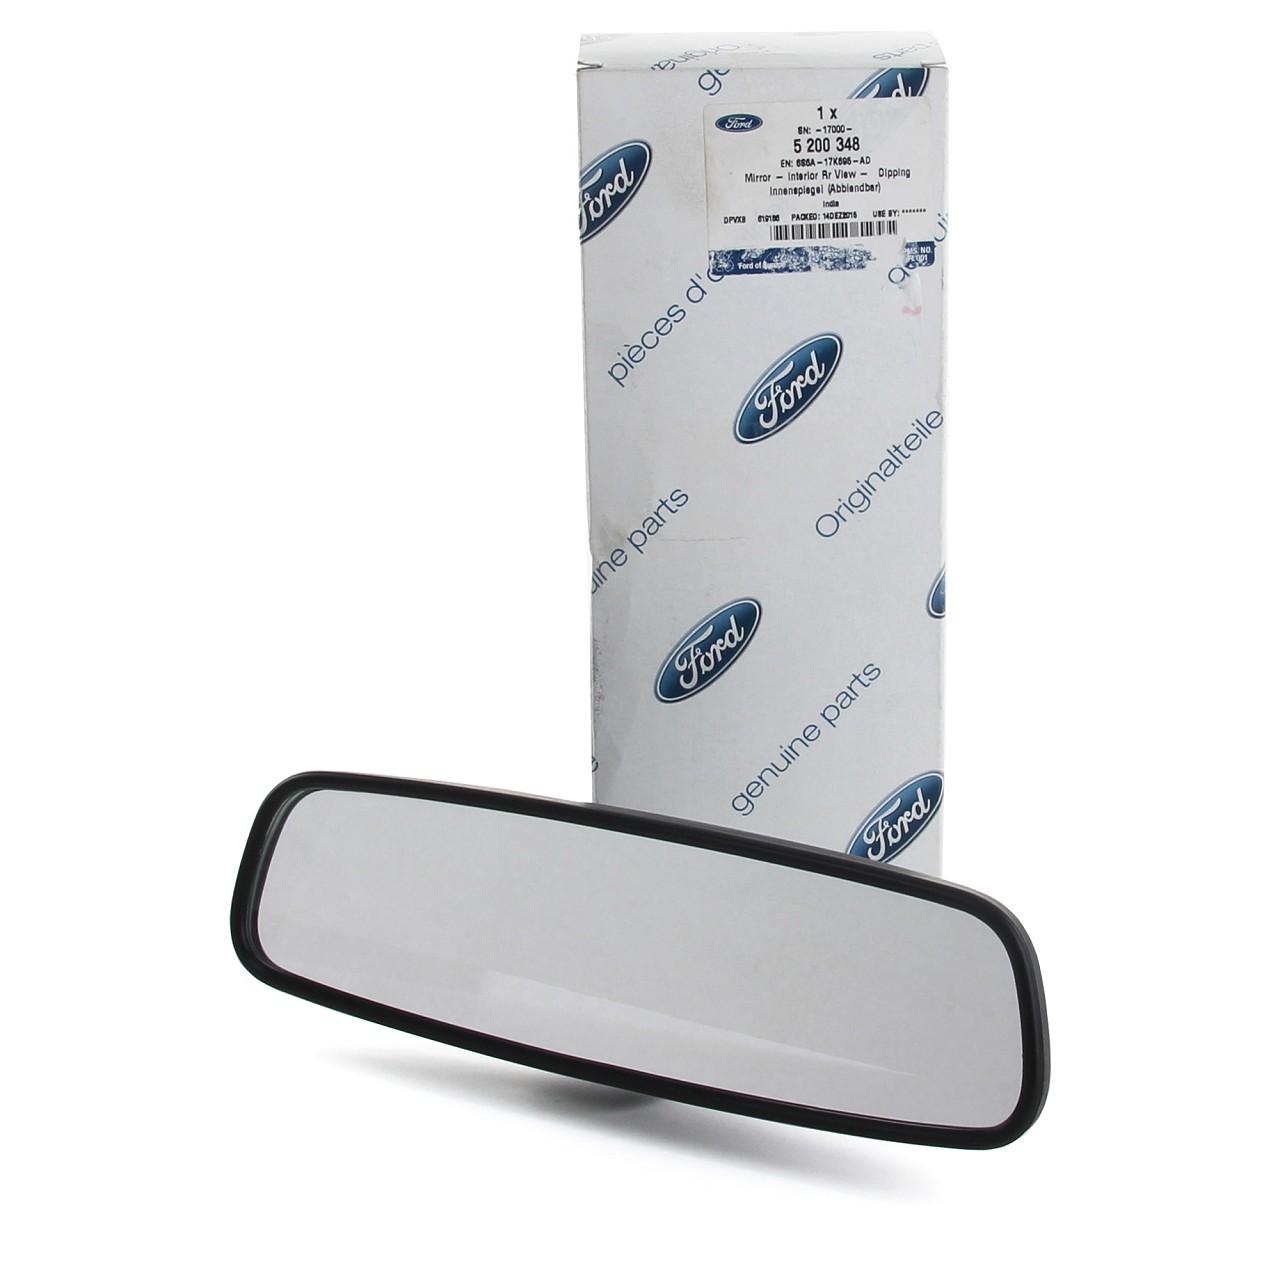 ORIGINAL Ford Innenspiegel Rückspiegel FIESTA V FUSION TOURNEO TRANSIT 5200348